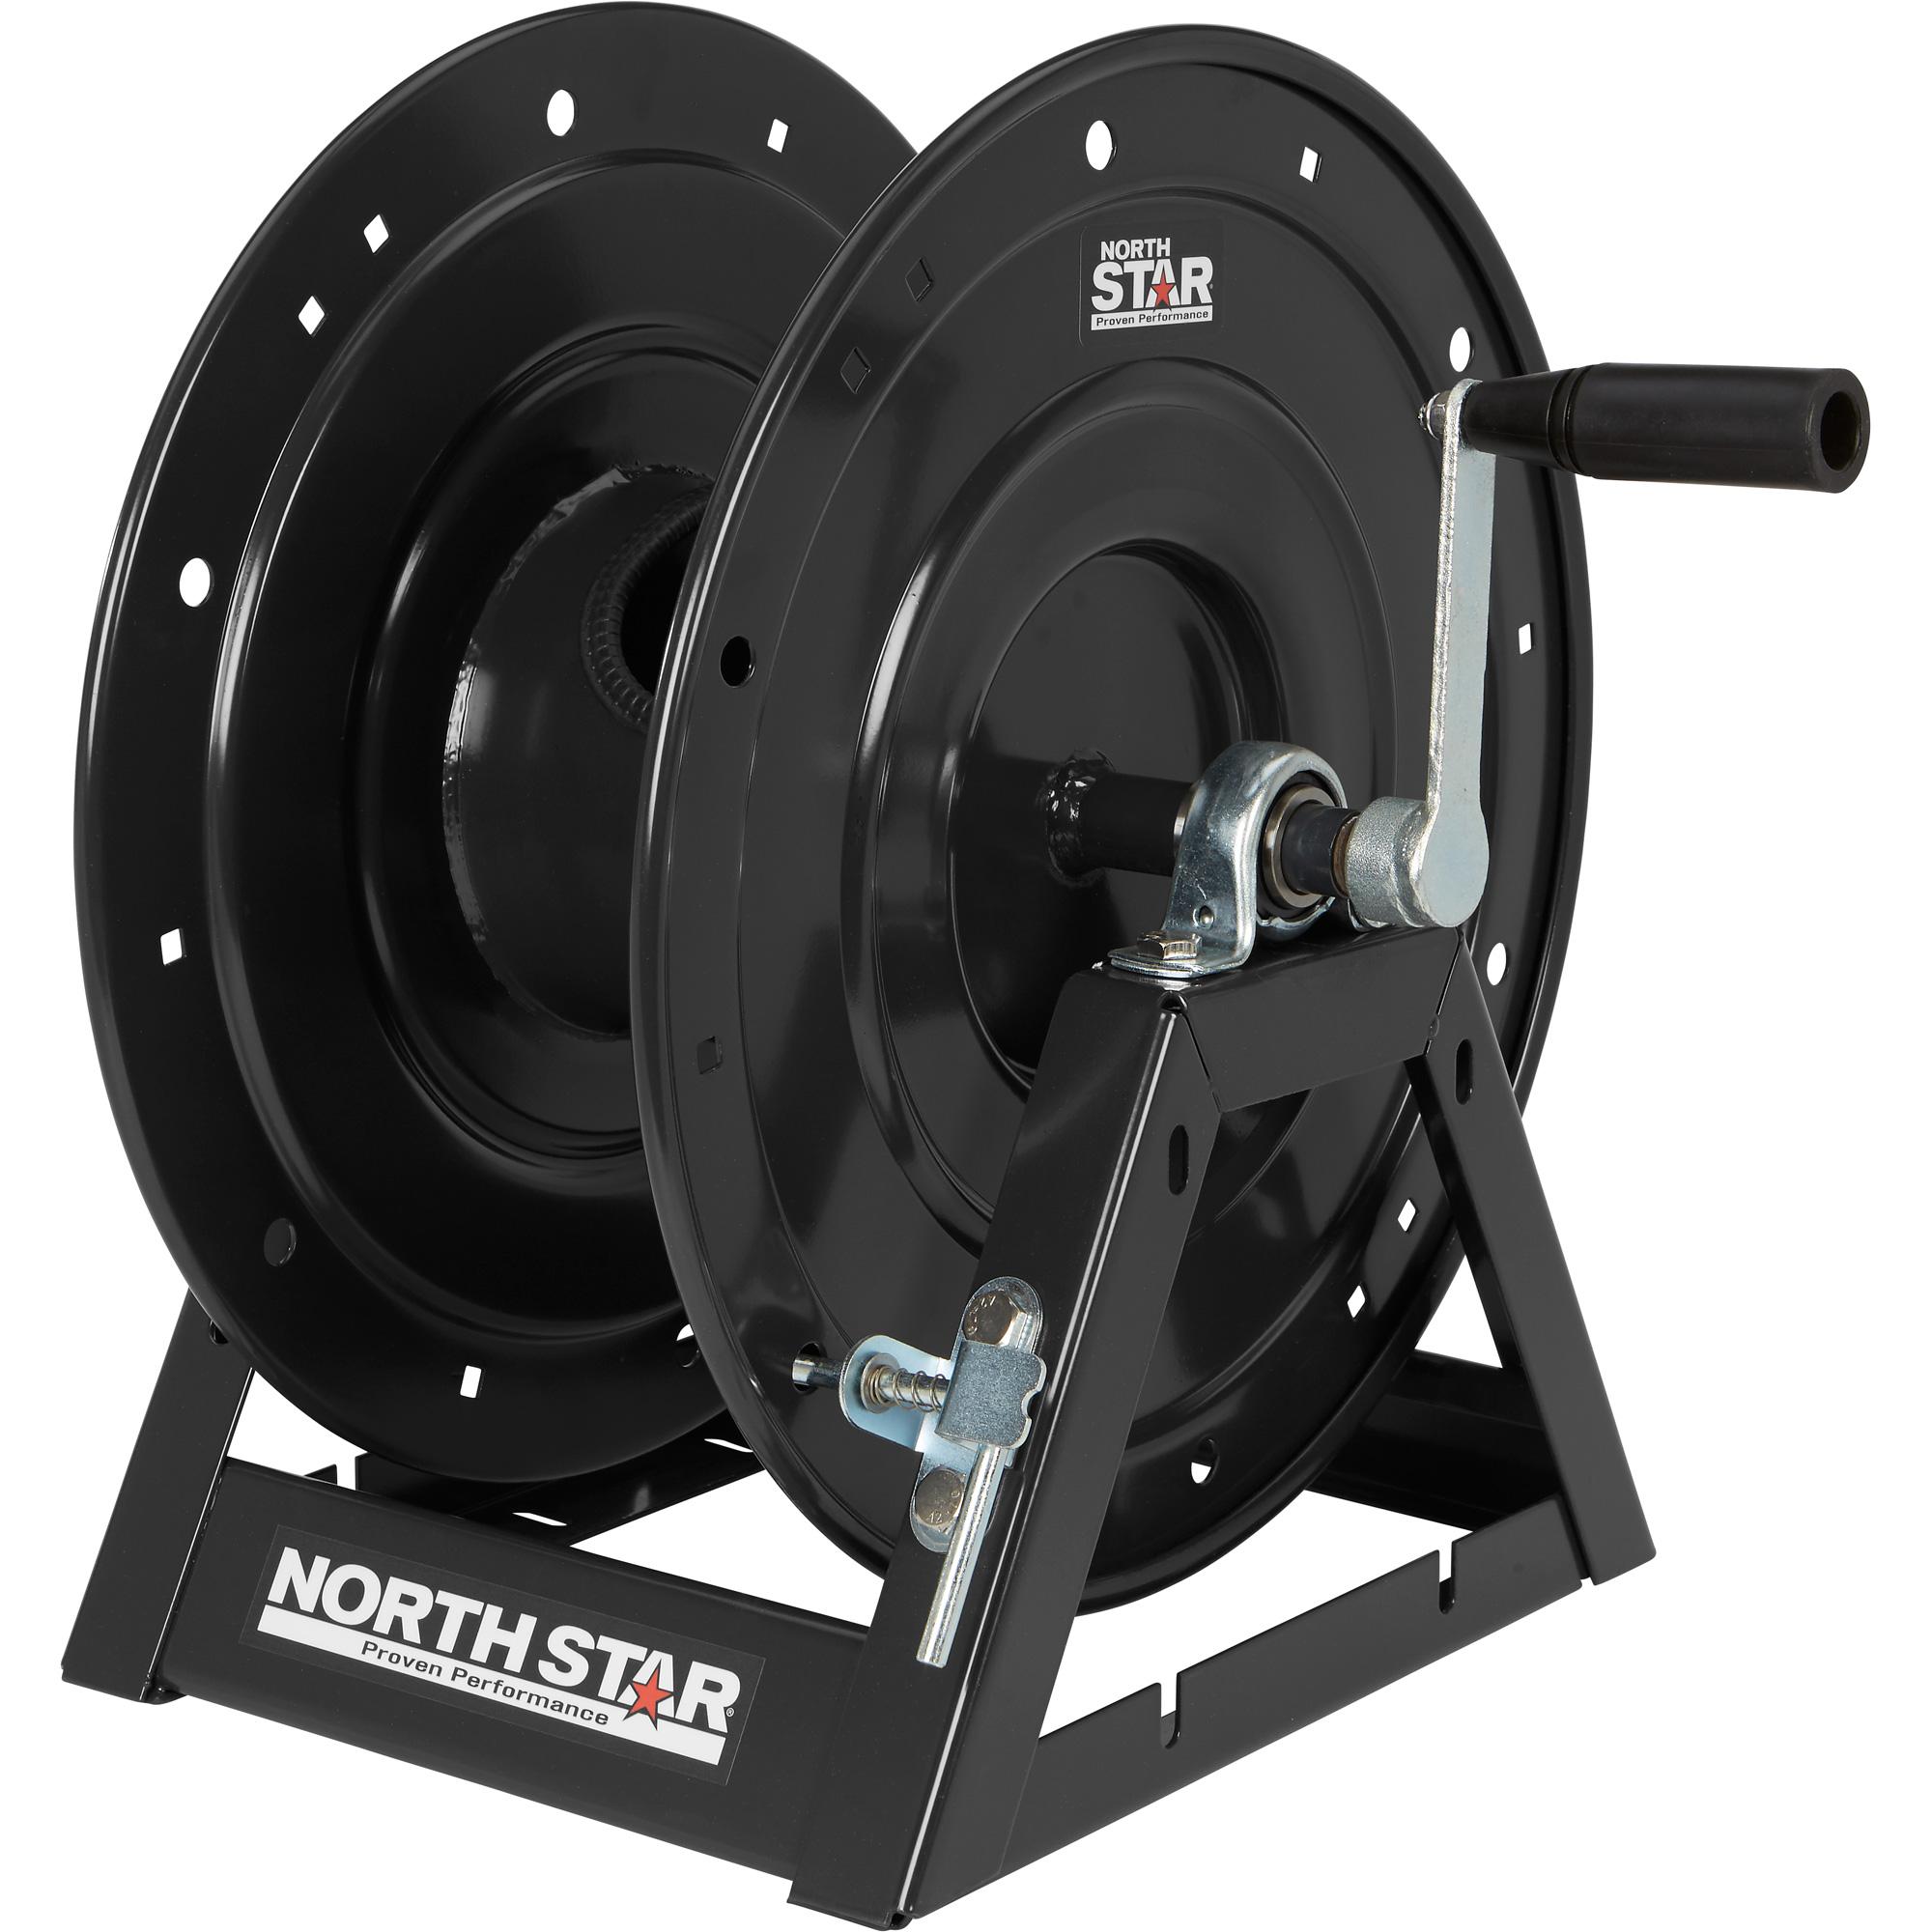 northstar 55791 heavy duty a frame hose reel 5000 psi. Black Bedroom Furniture Sets. Home Design Ideas